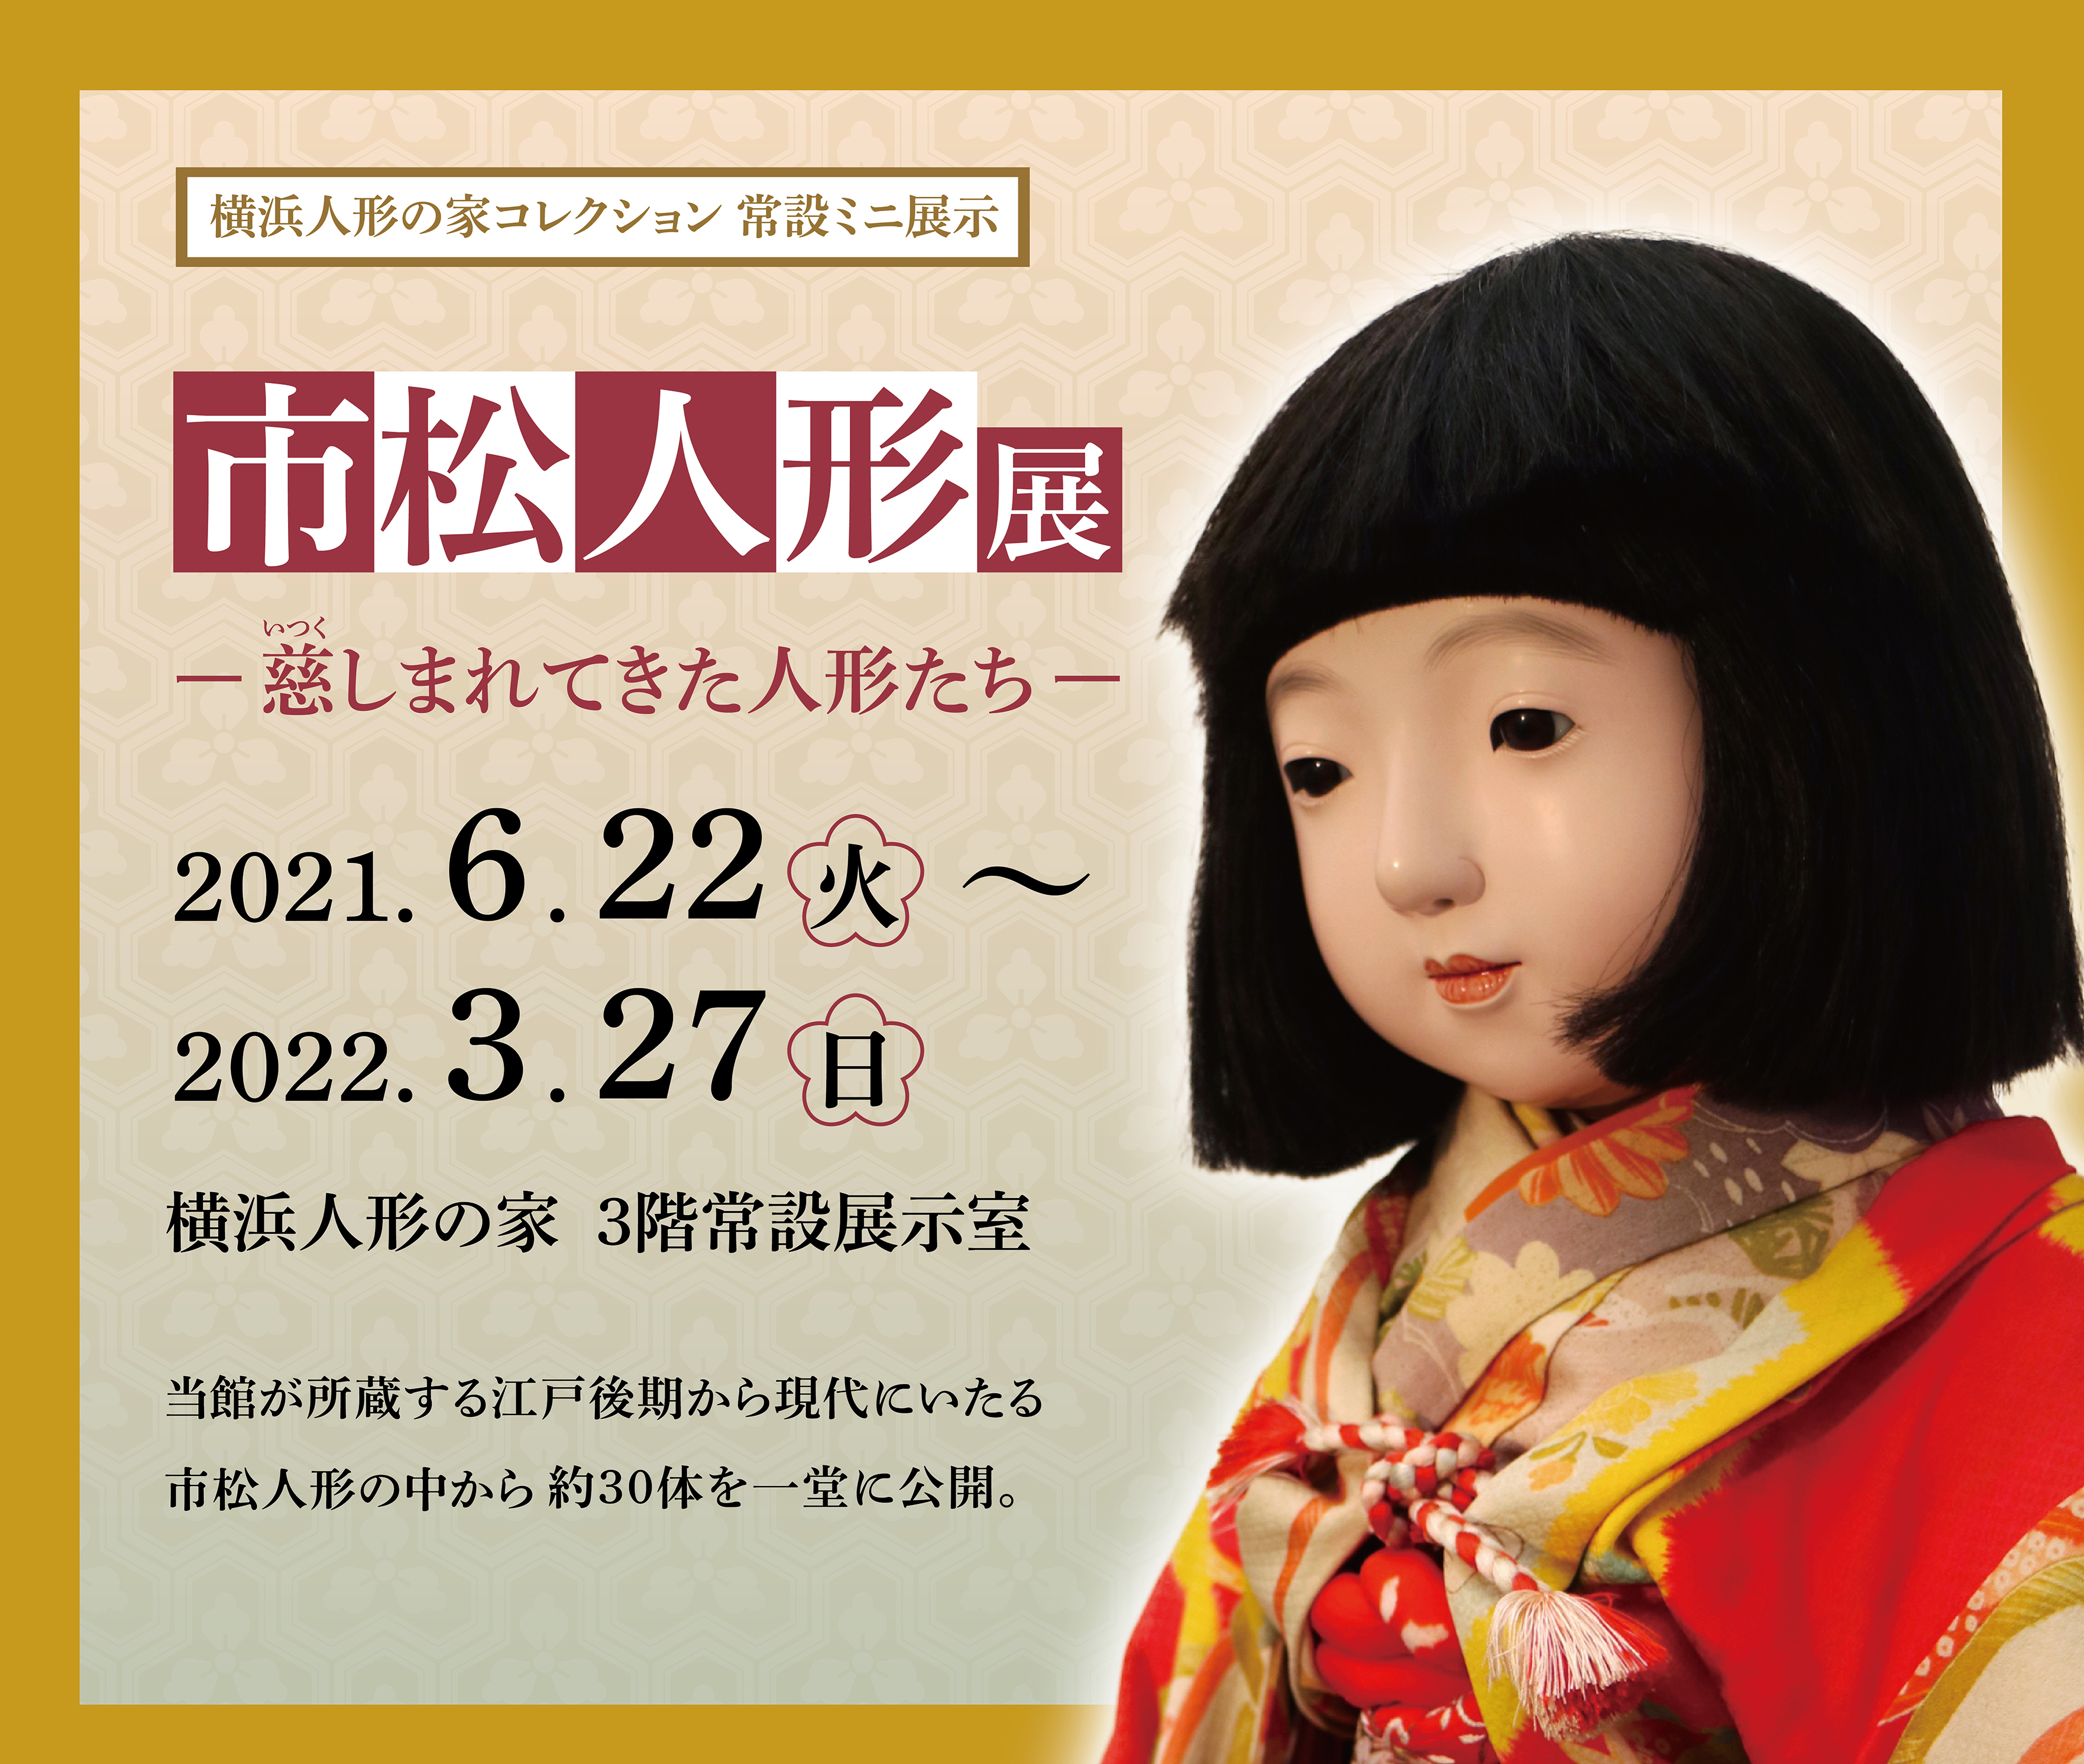 横浜人形の家コレクション「市松人形展」の画像